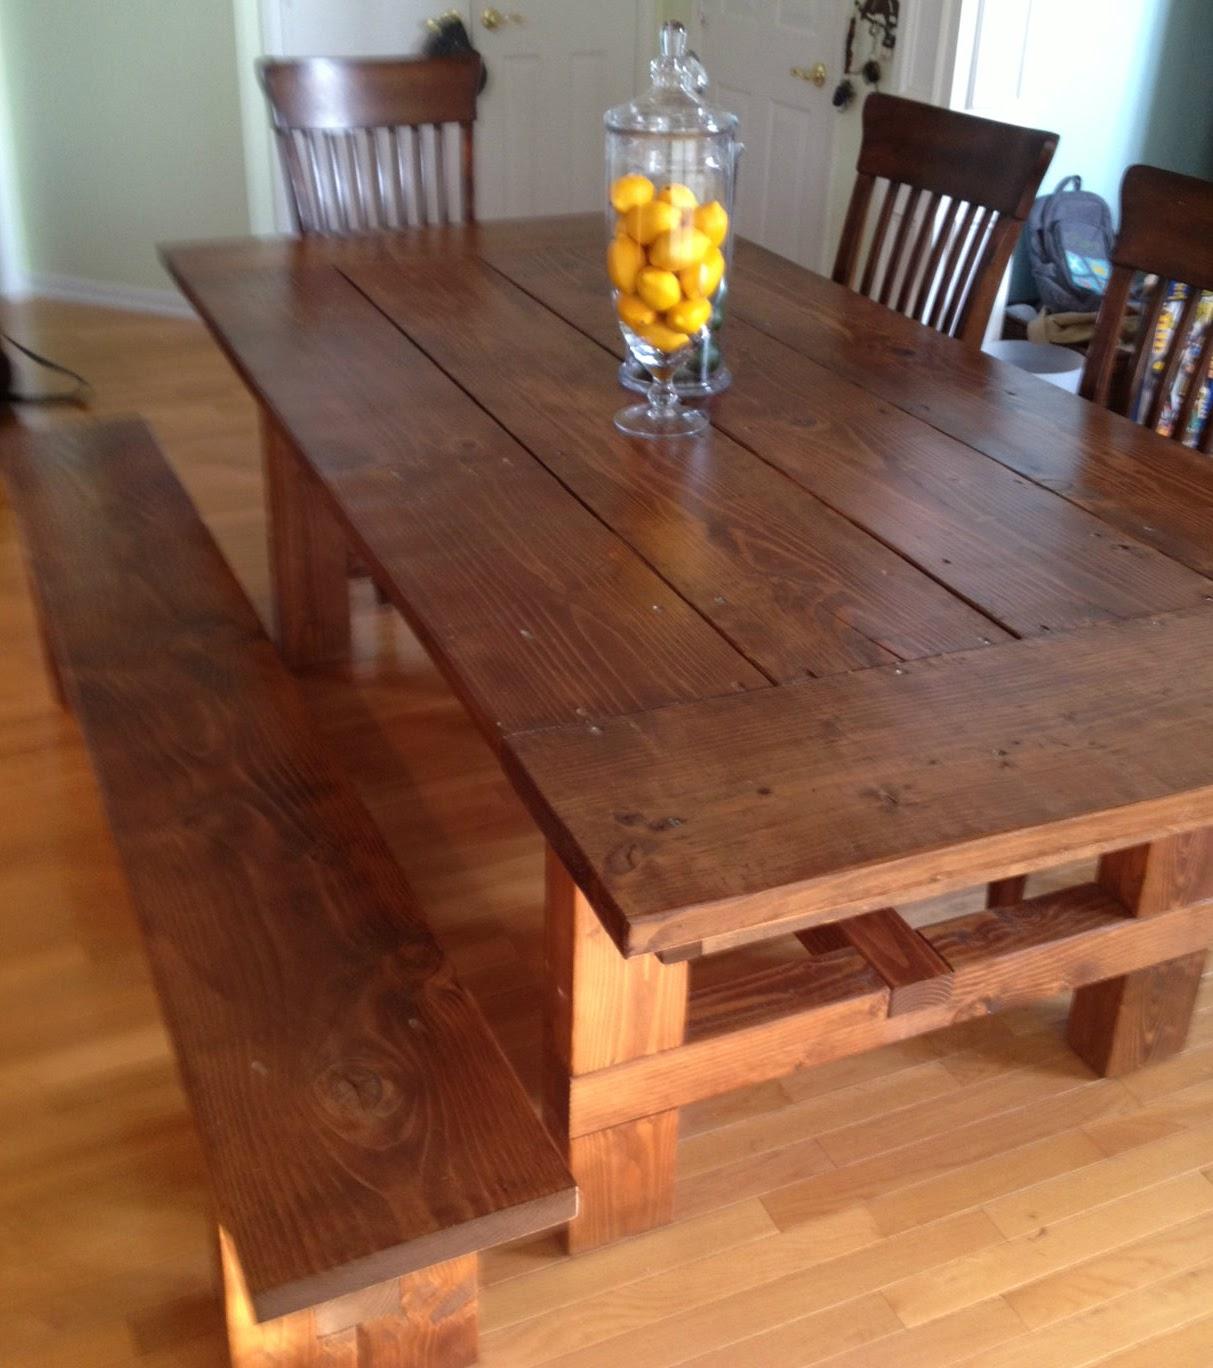 how to build farmhouse table make kitchen table How to Build a Farmhouse Table